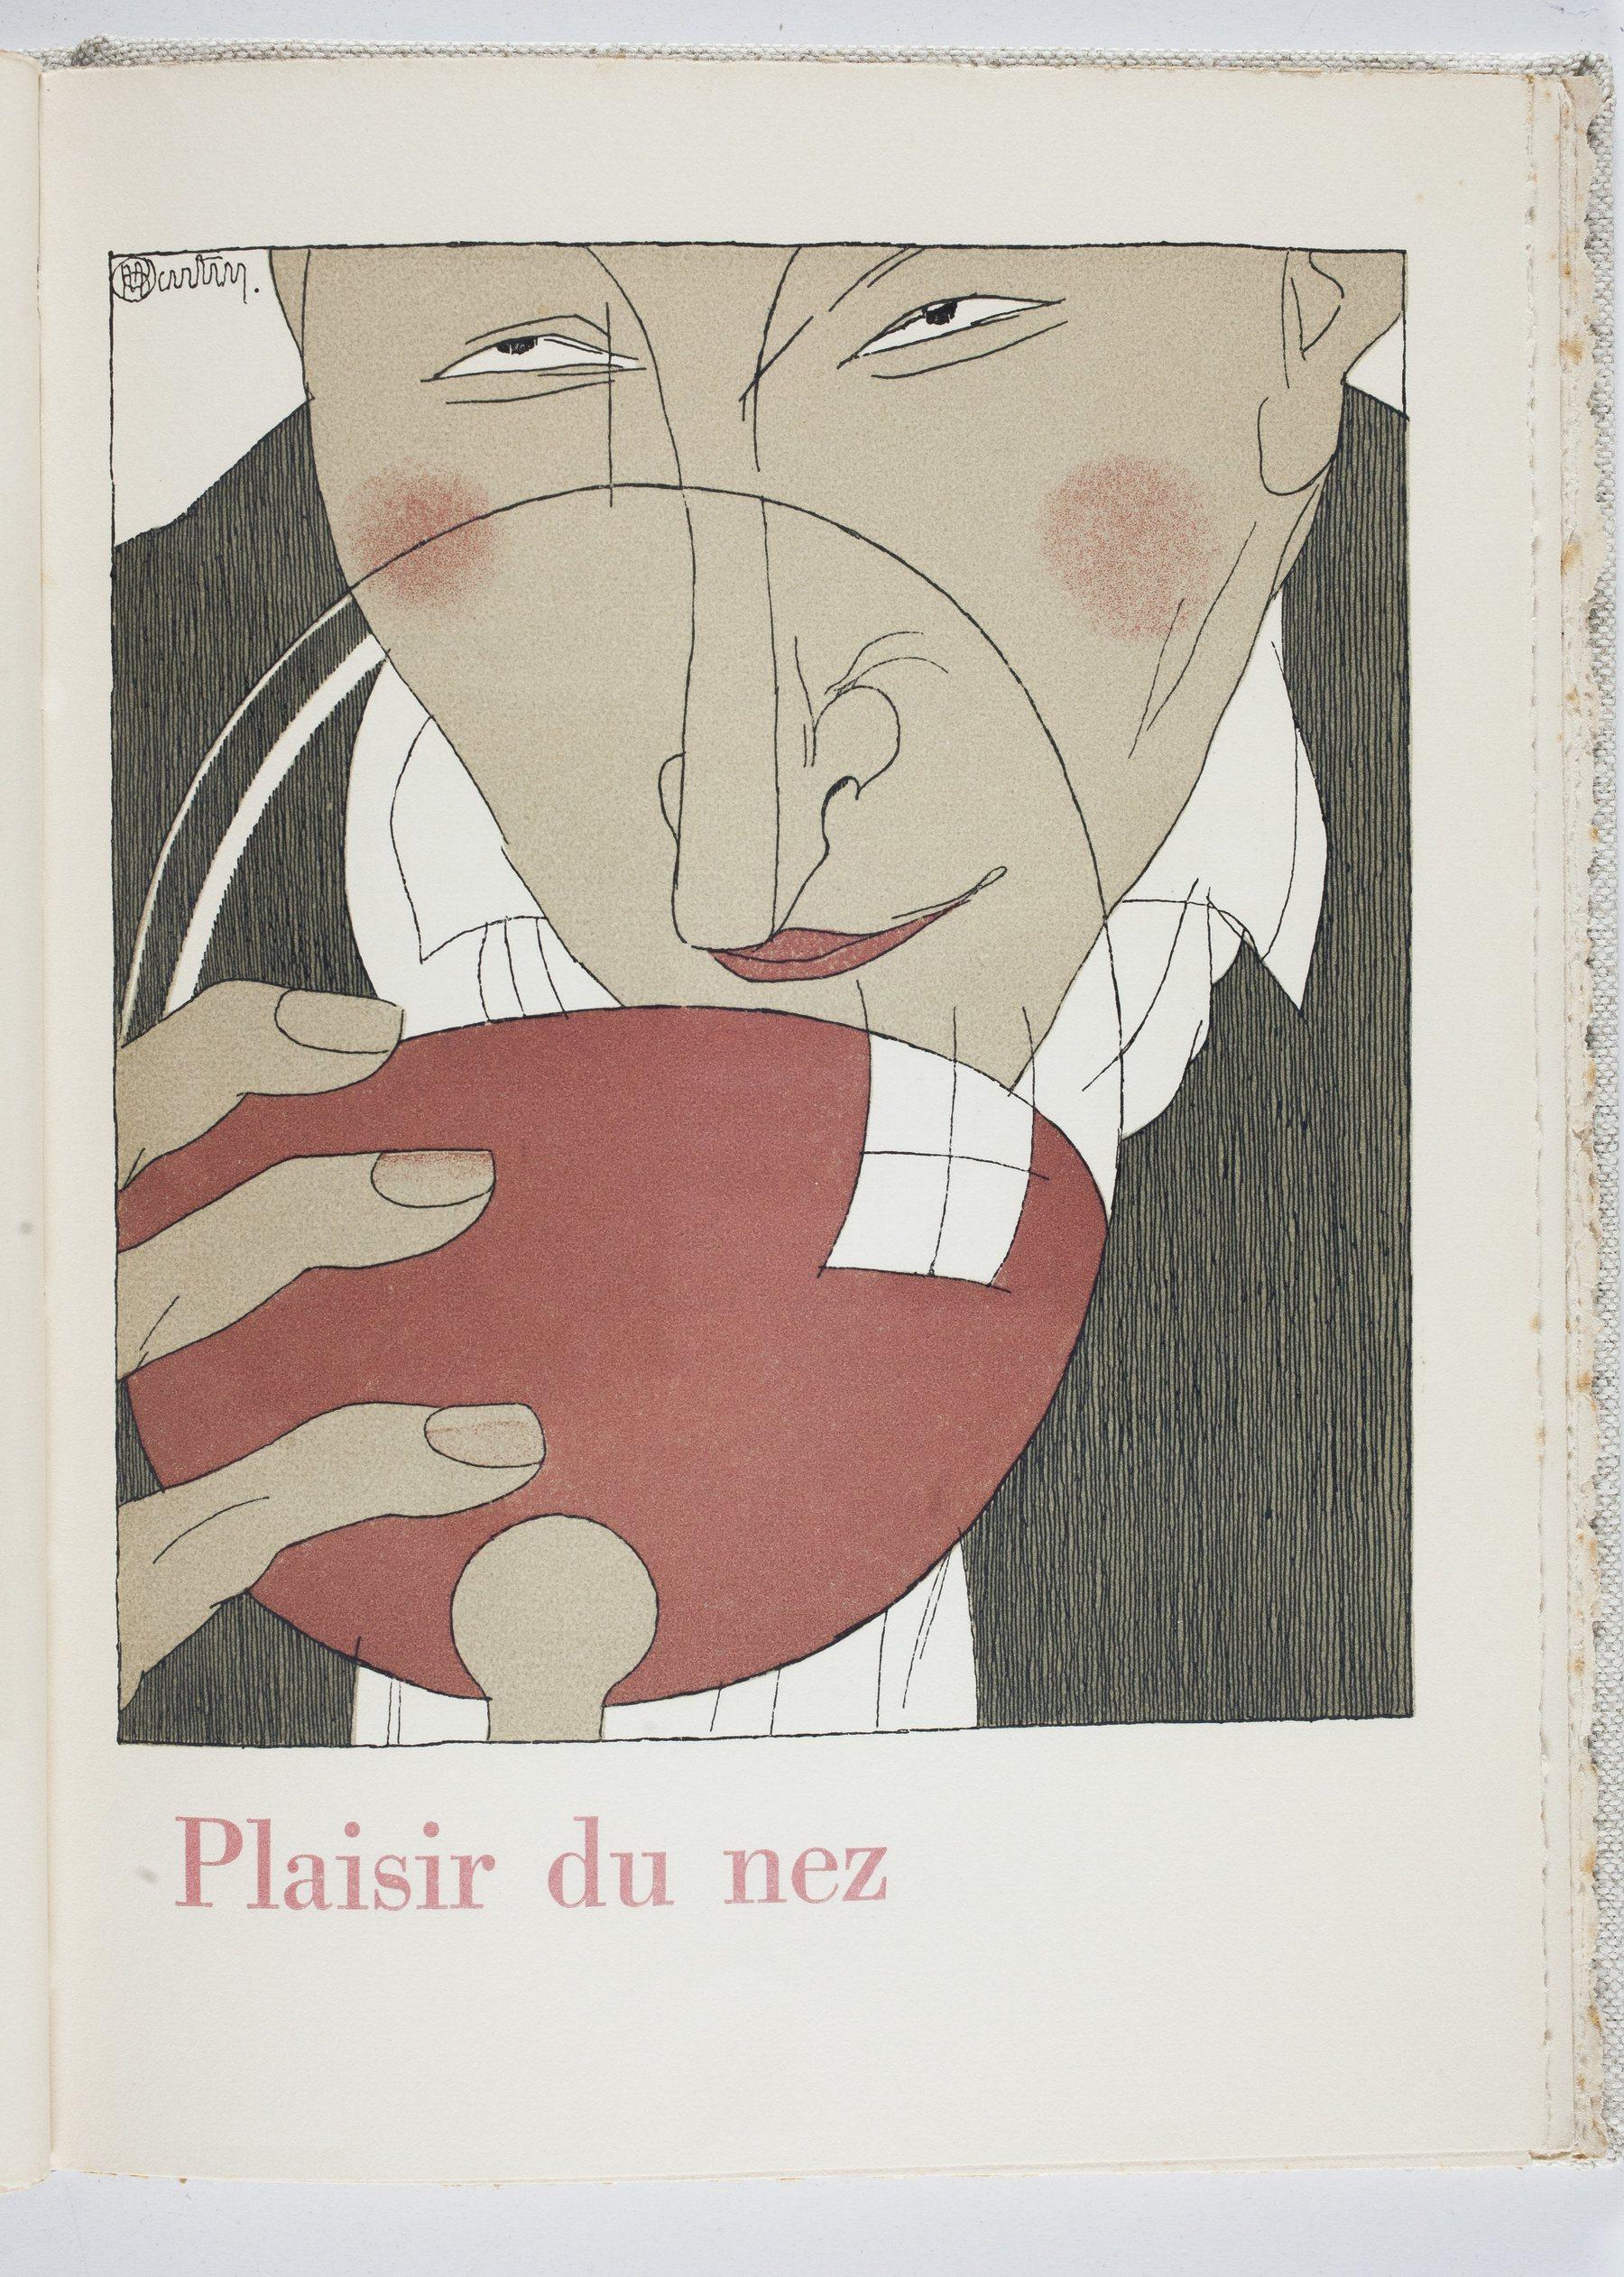 Contenu du Plaisir du nez